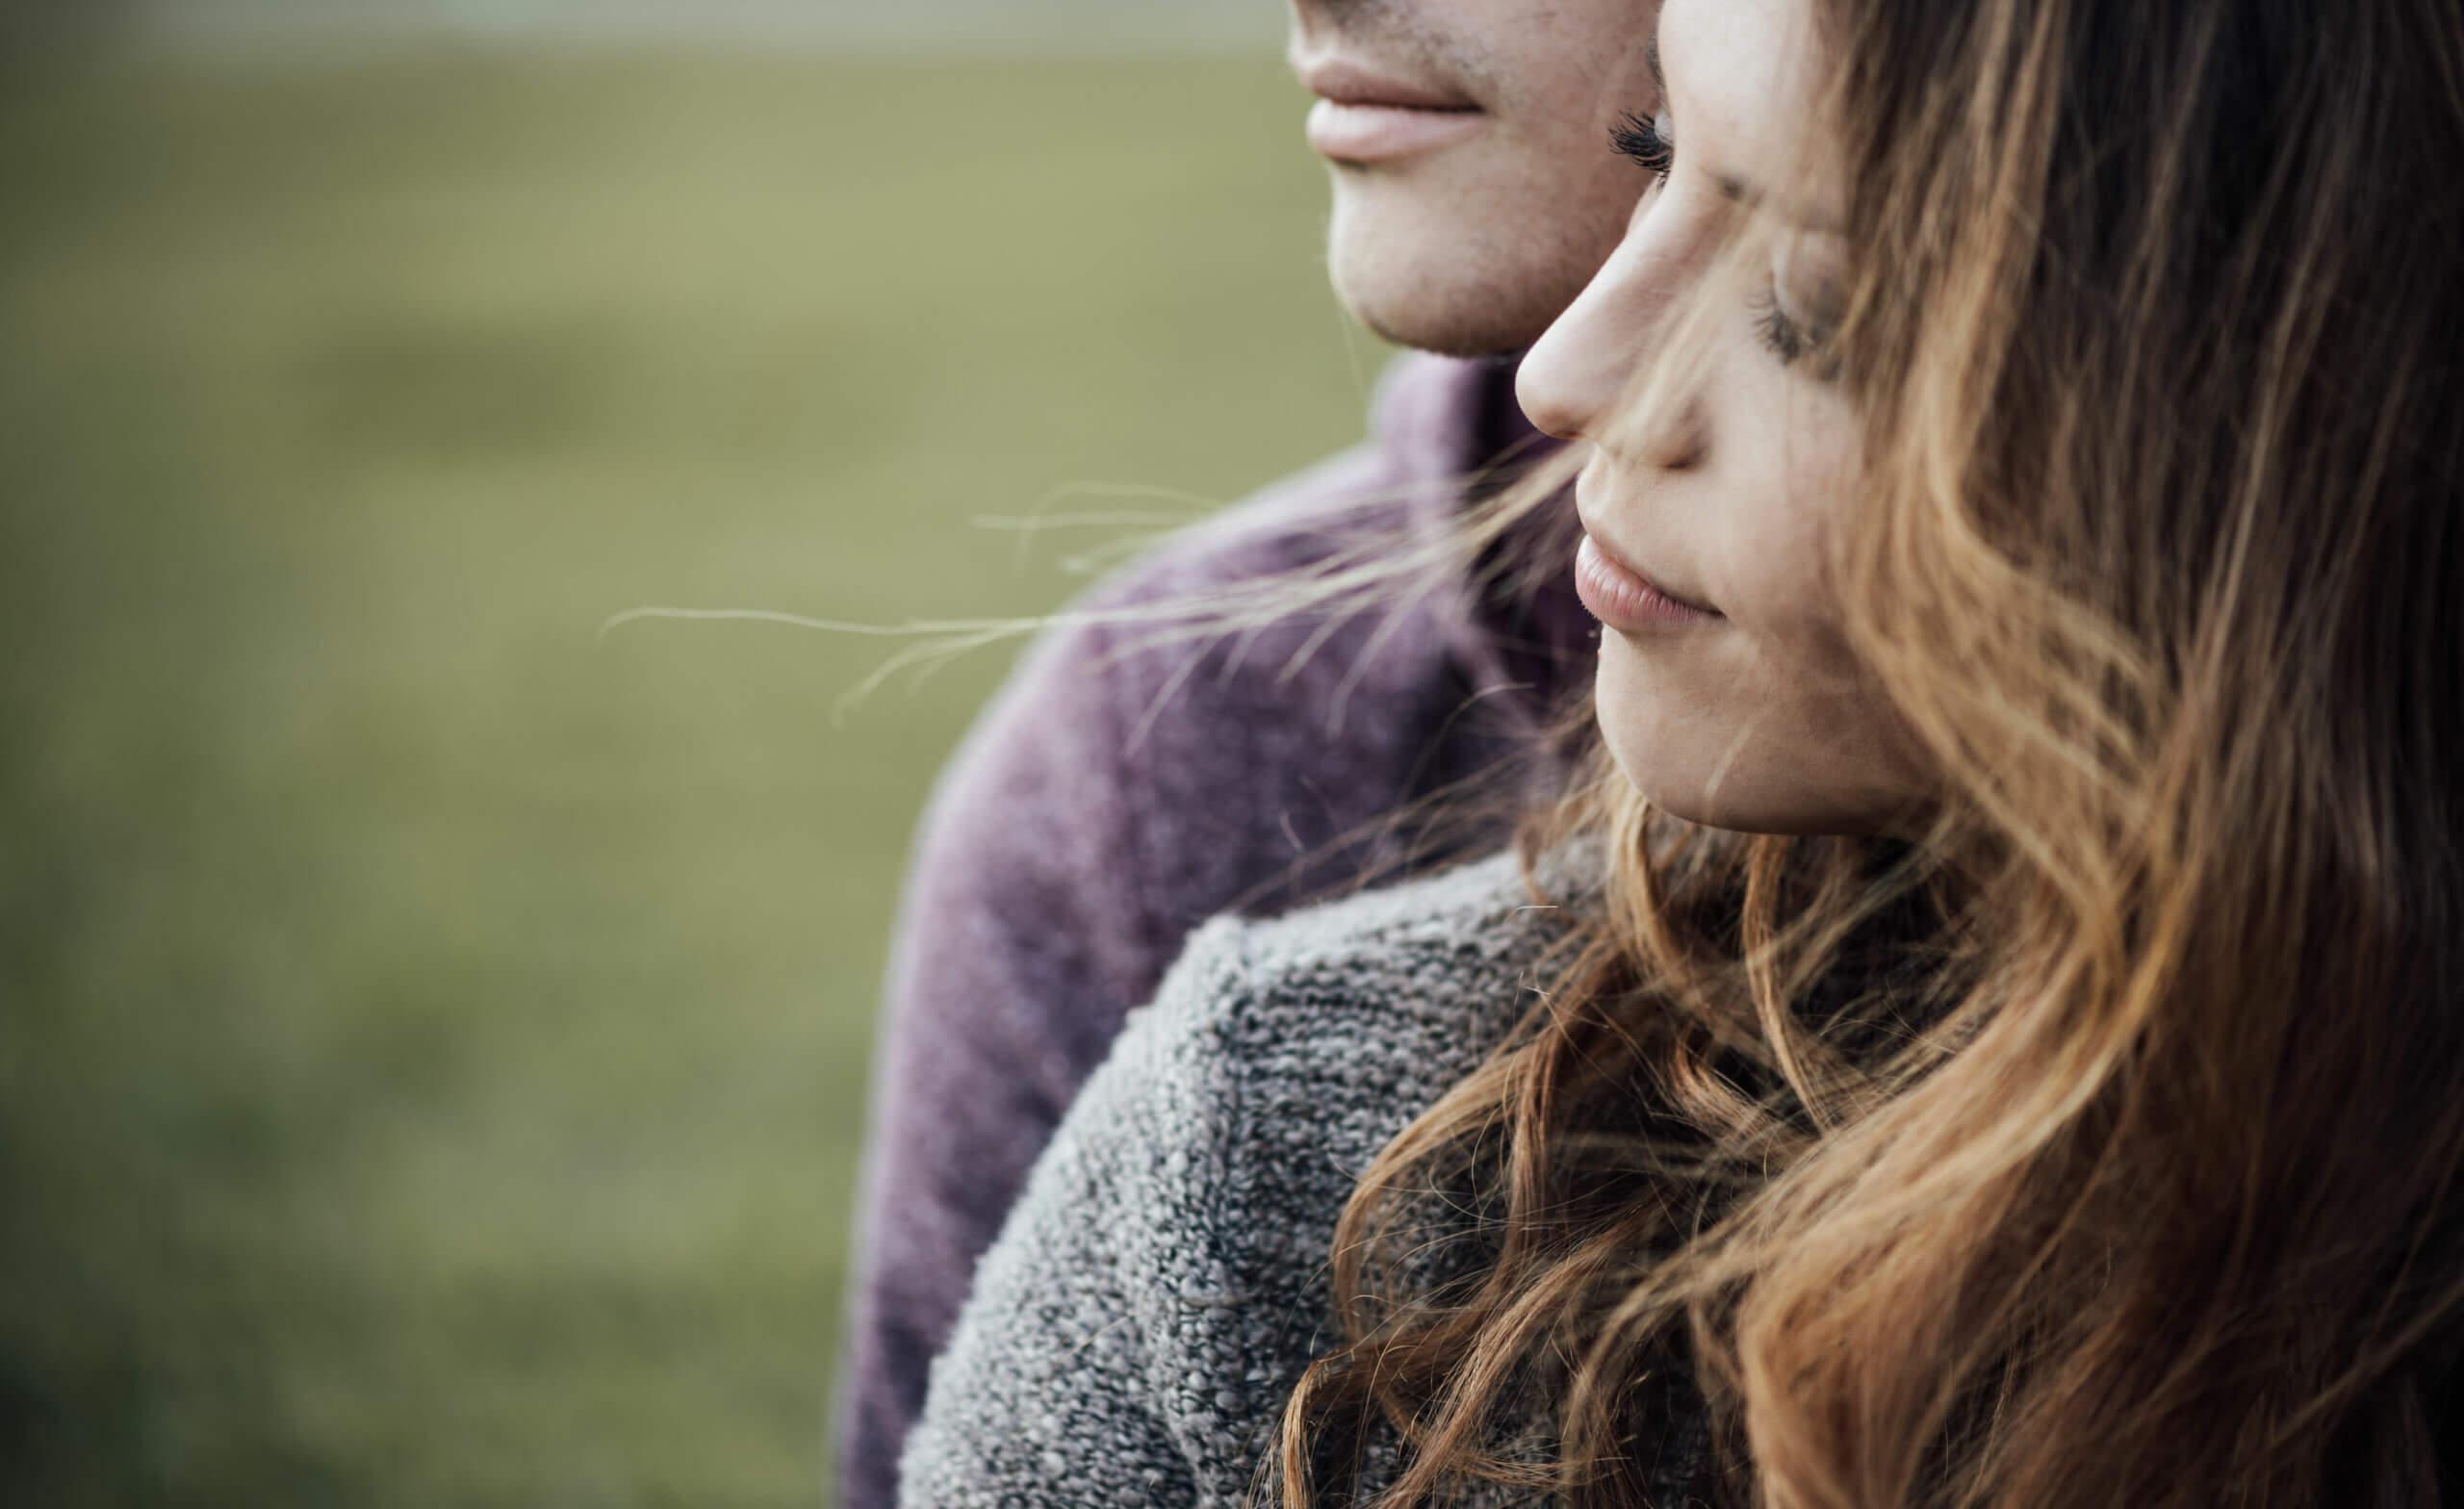 Si bien el amor no se busca de forma activa, sí es necesario estar atentos a las posibilidades.